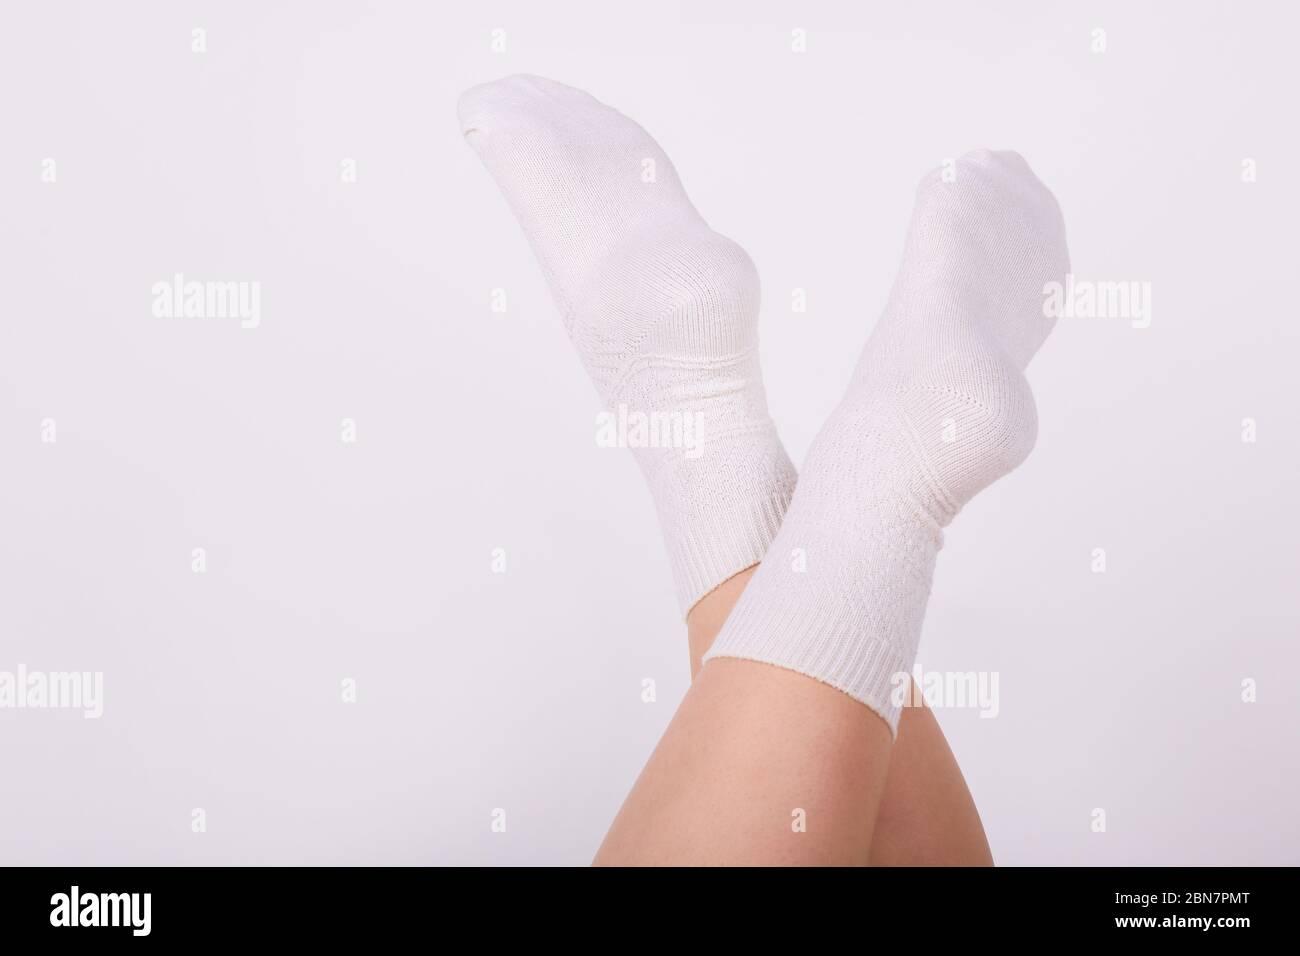 Patas femeninas en calcetines de algodón blanco sobre fondo blanco. Mujeres con calcetines deportivos Foto de stock